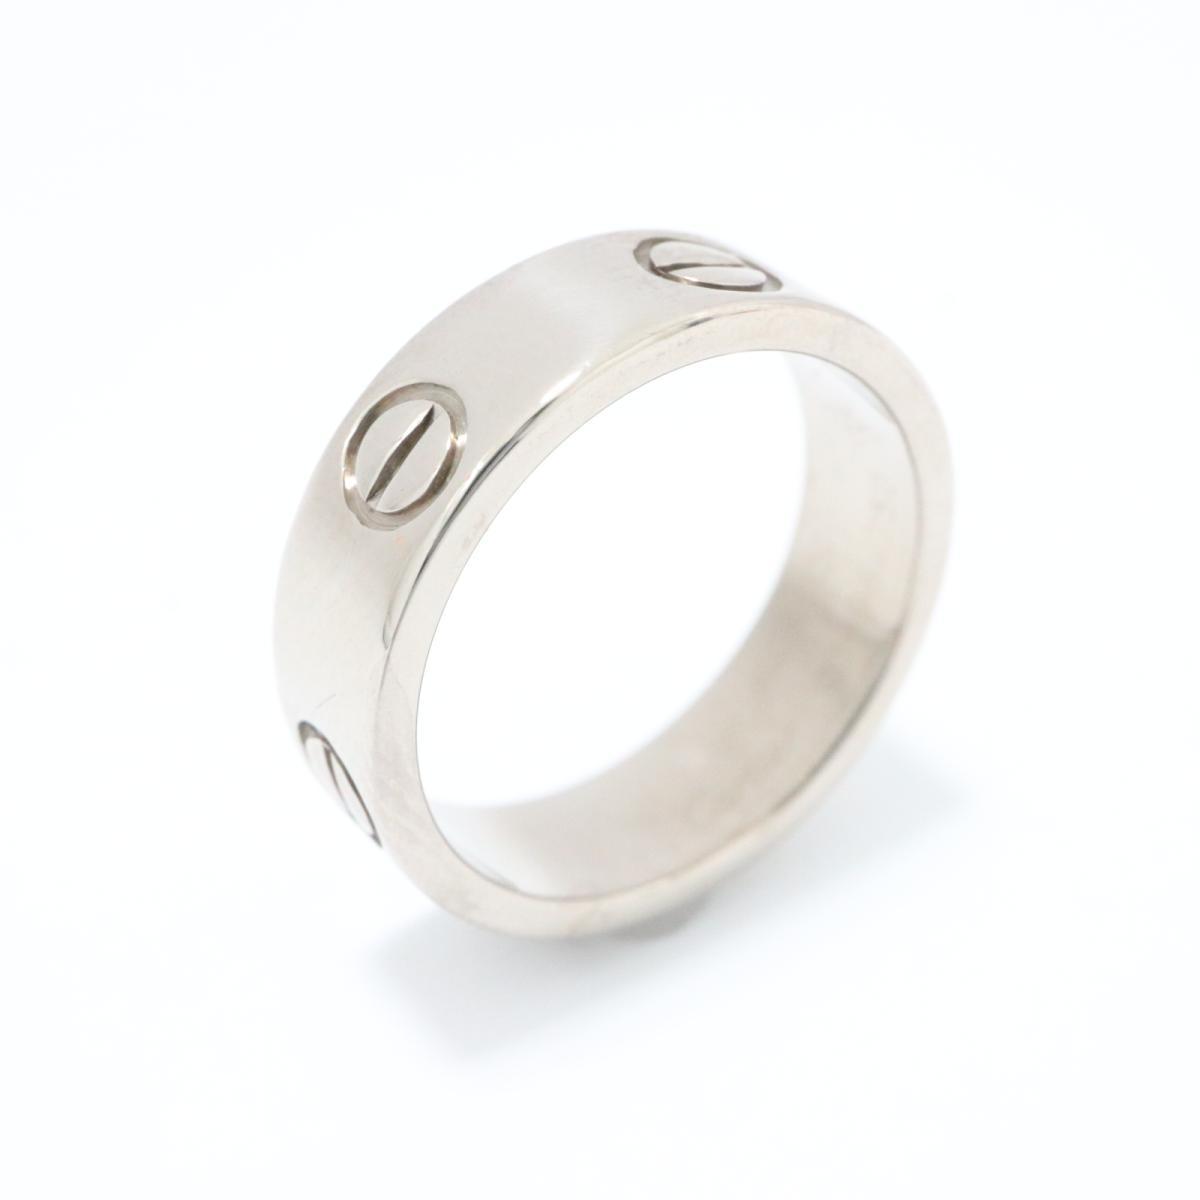 【中古】カルティエ ラブリング 指輪 メンズ レディース K18WG (750) ホワイトゴールド シルバー | Cartier リング K18 18K 18金 ラブリング 美品 ブランドオフ BRANDOFF